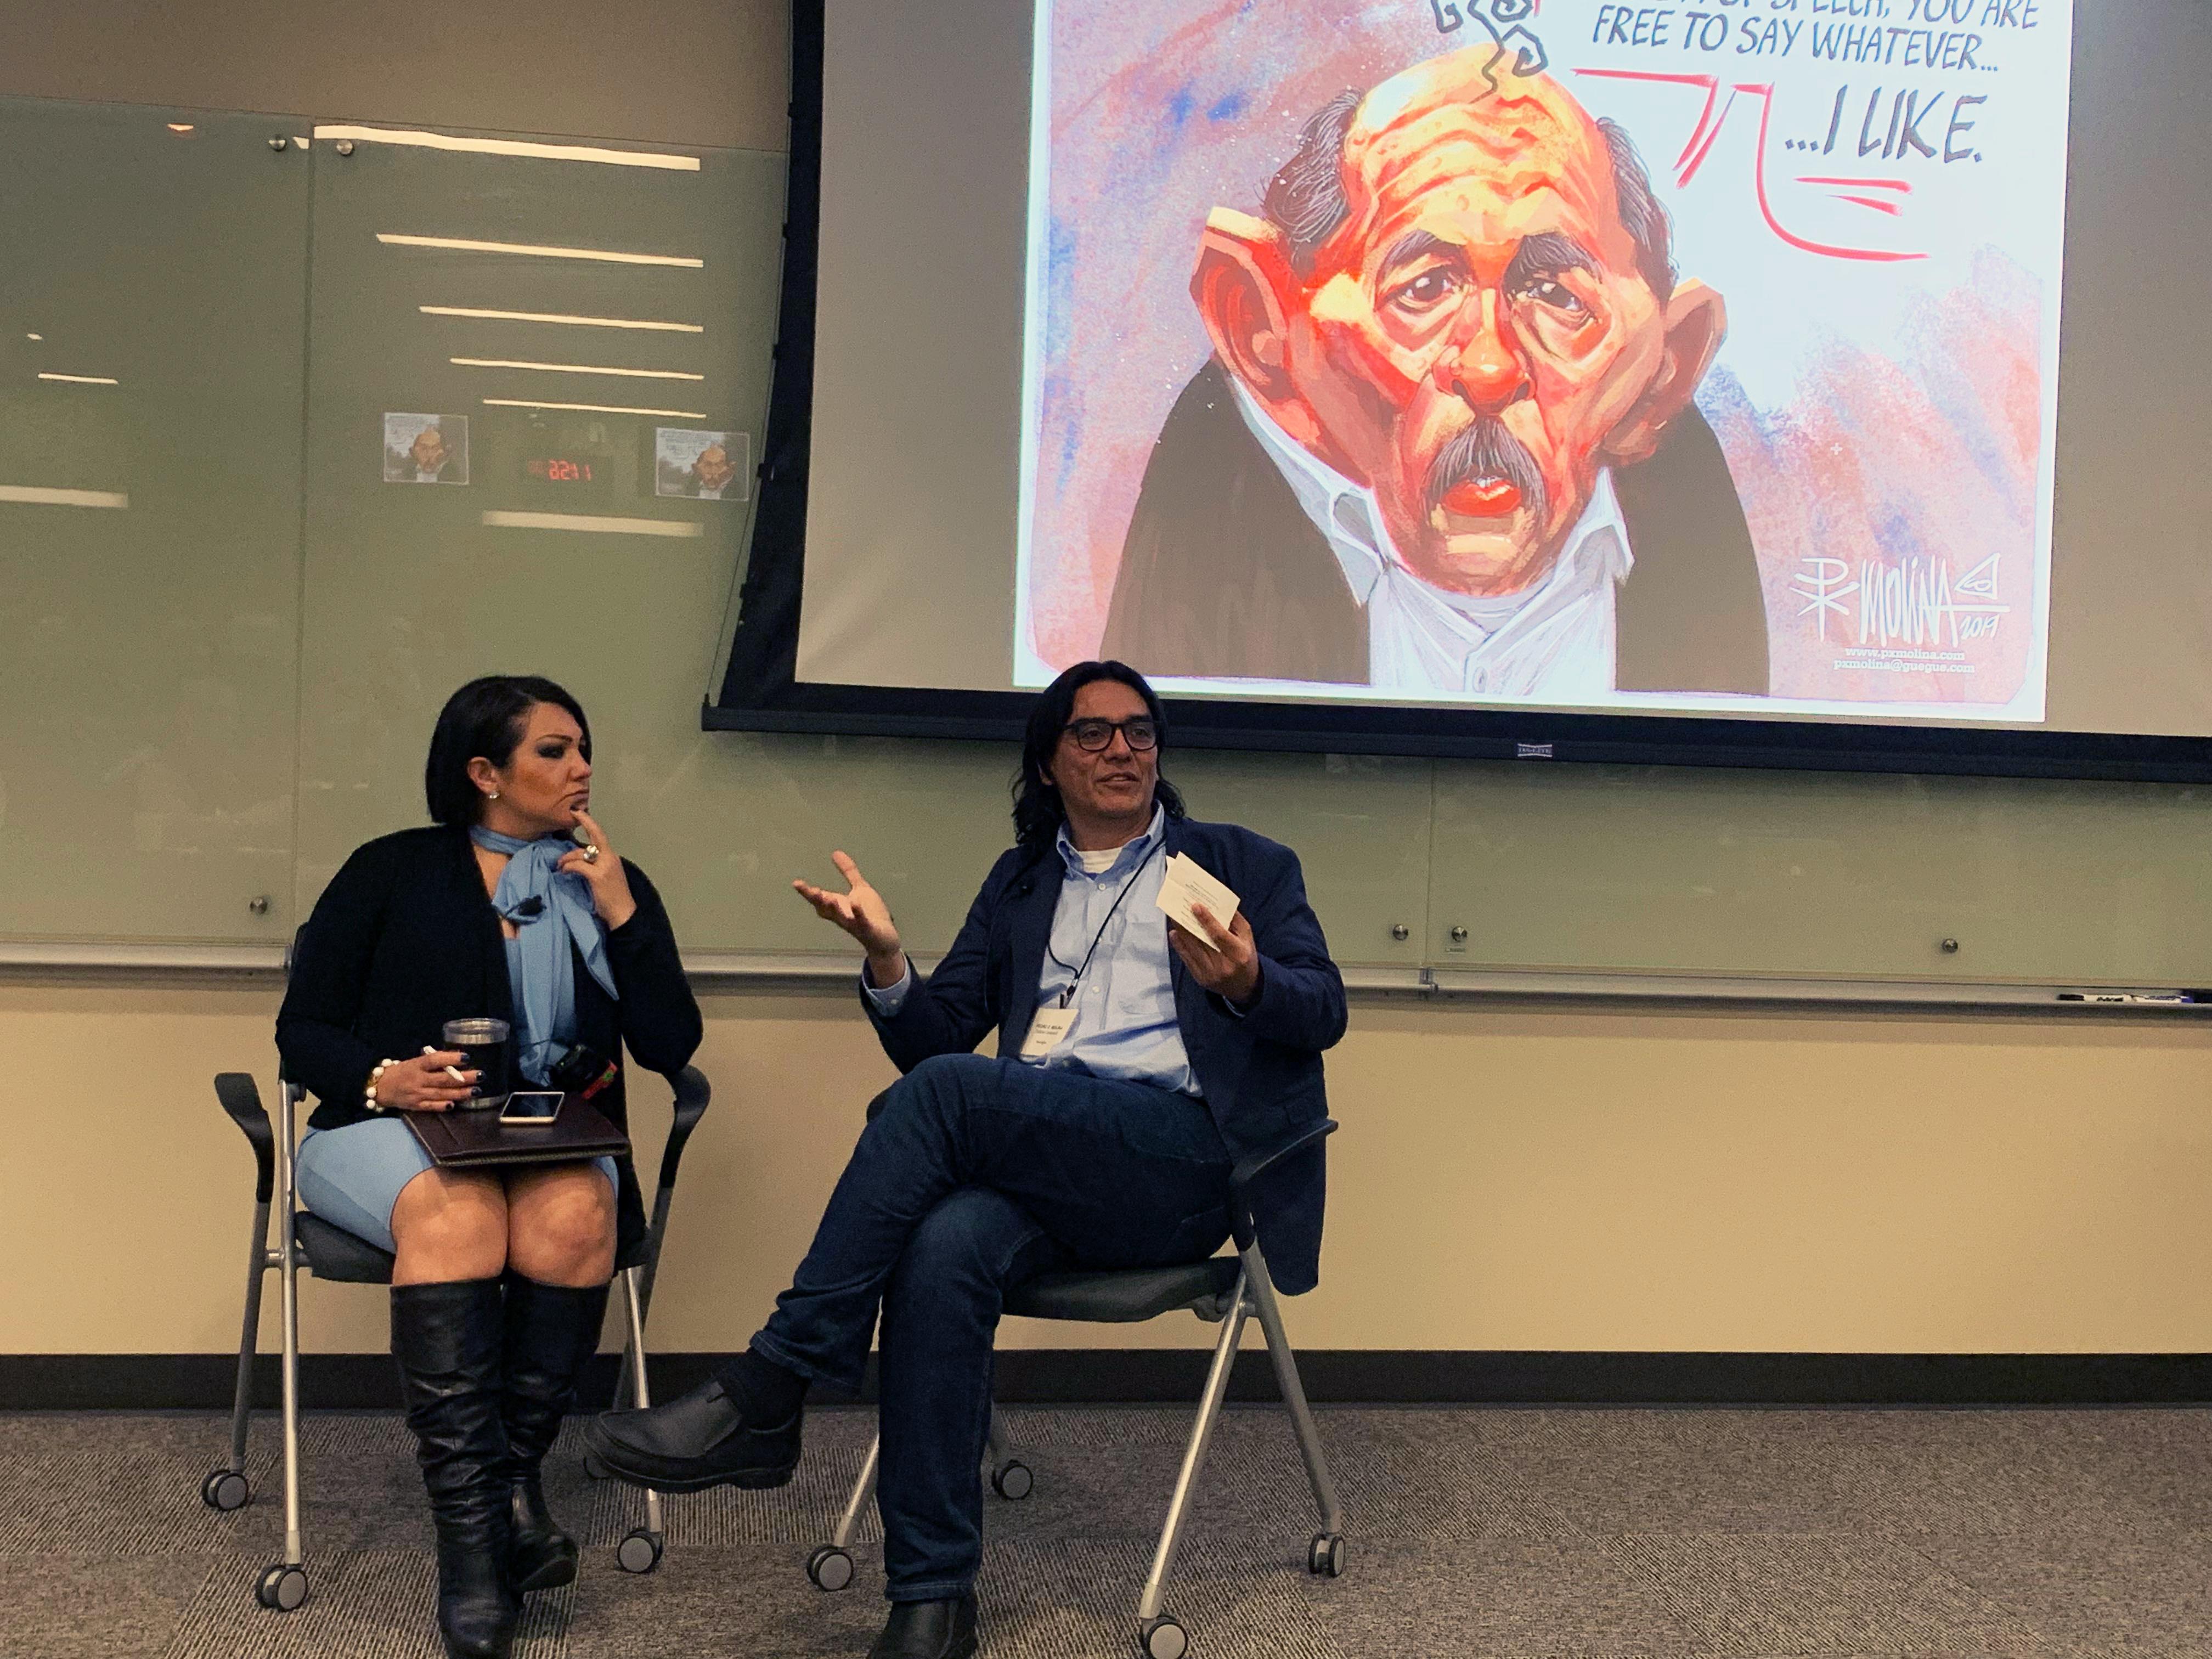 El caricaturista Pedro X. Molina y la productora de radio Joy Díaz discuten sobre los medios en Nicaragua. (Teresa Mioli/ Centro Knight).